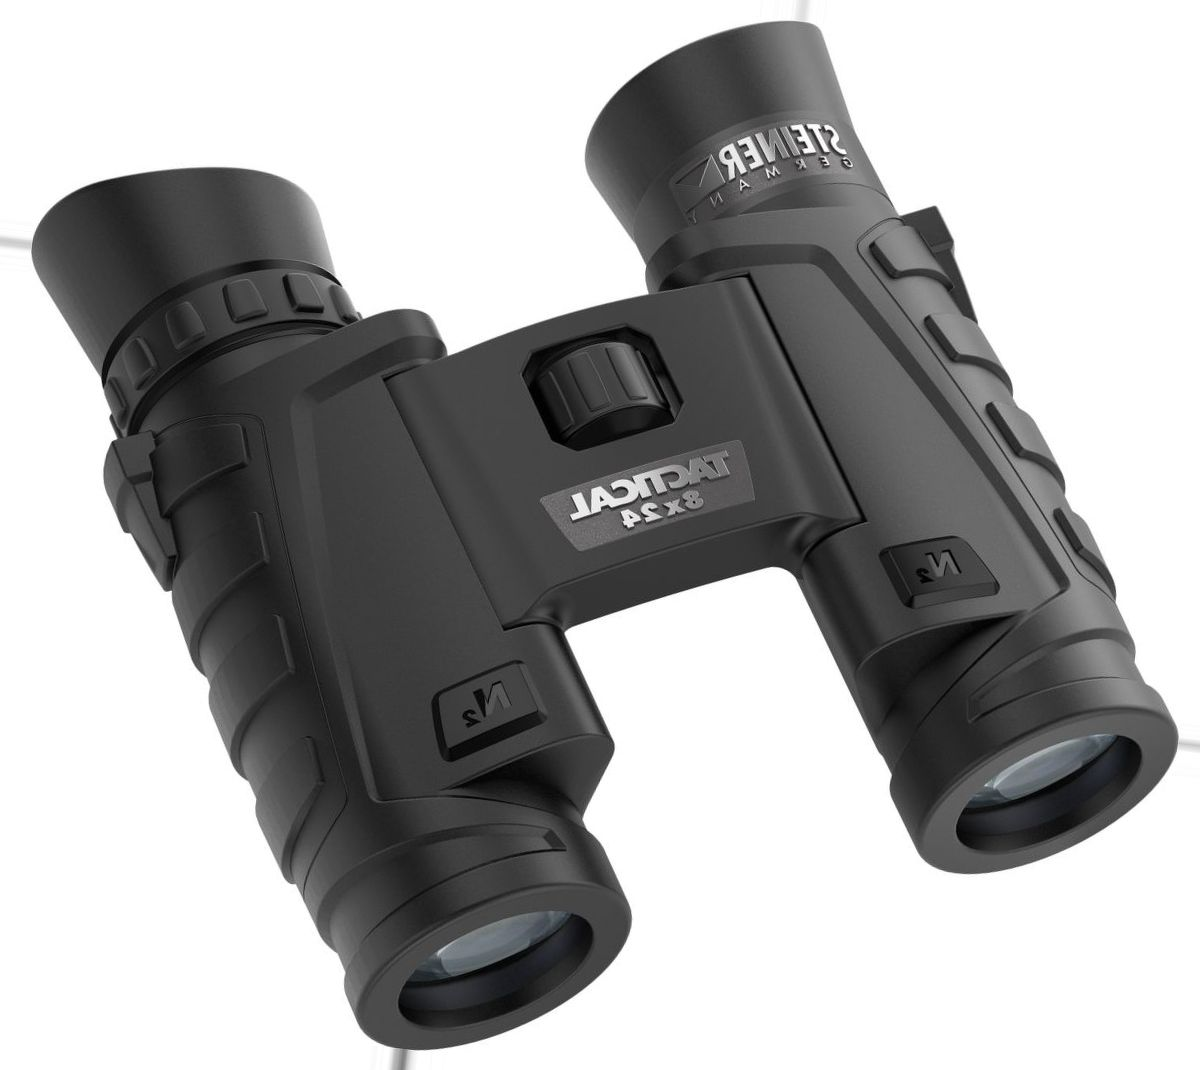 Steiner Tactical 8x24 Binoculars